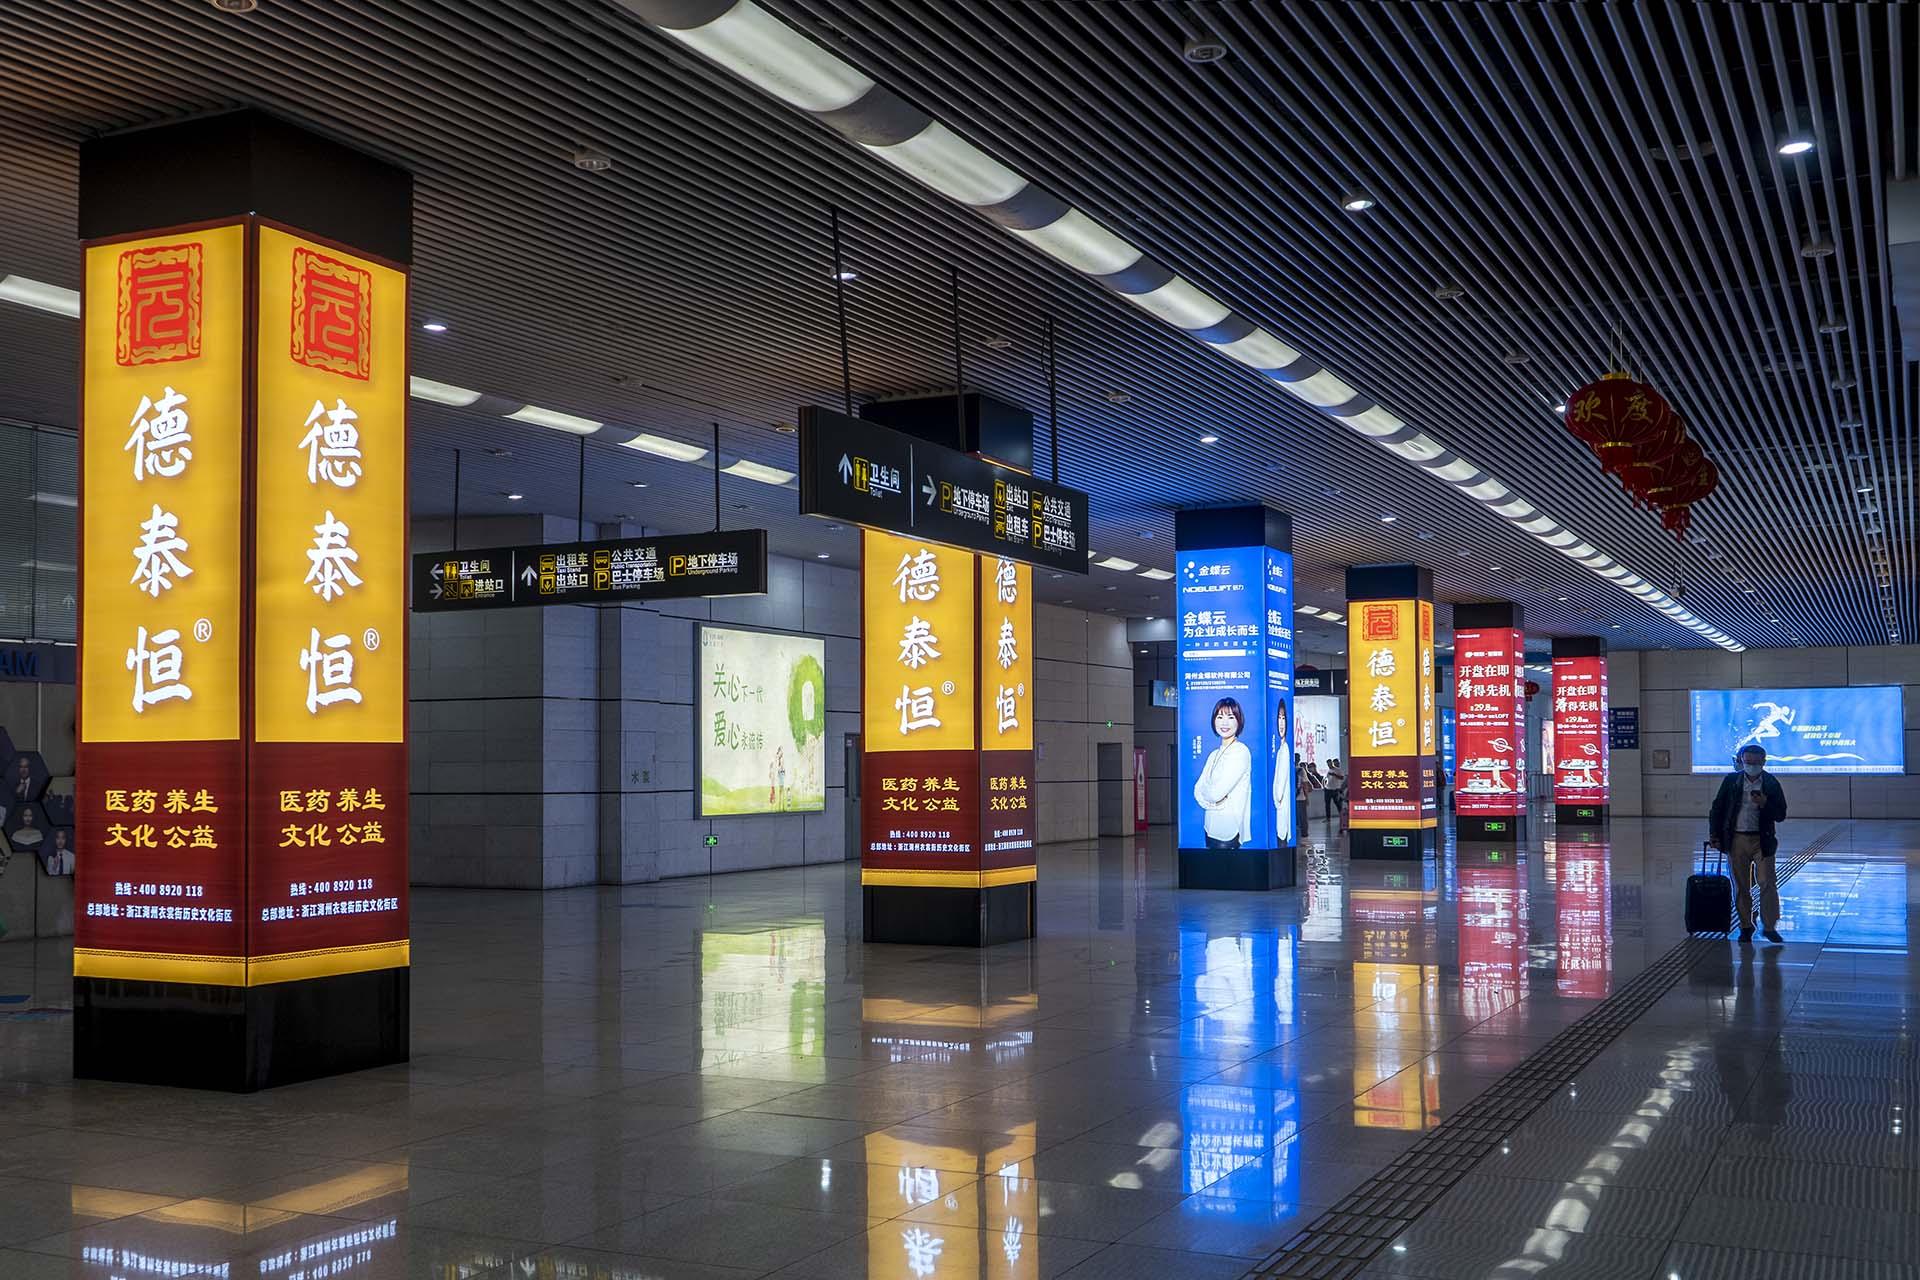 高铁站广告投放